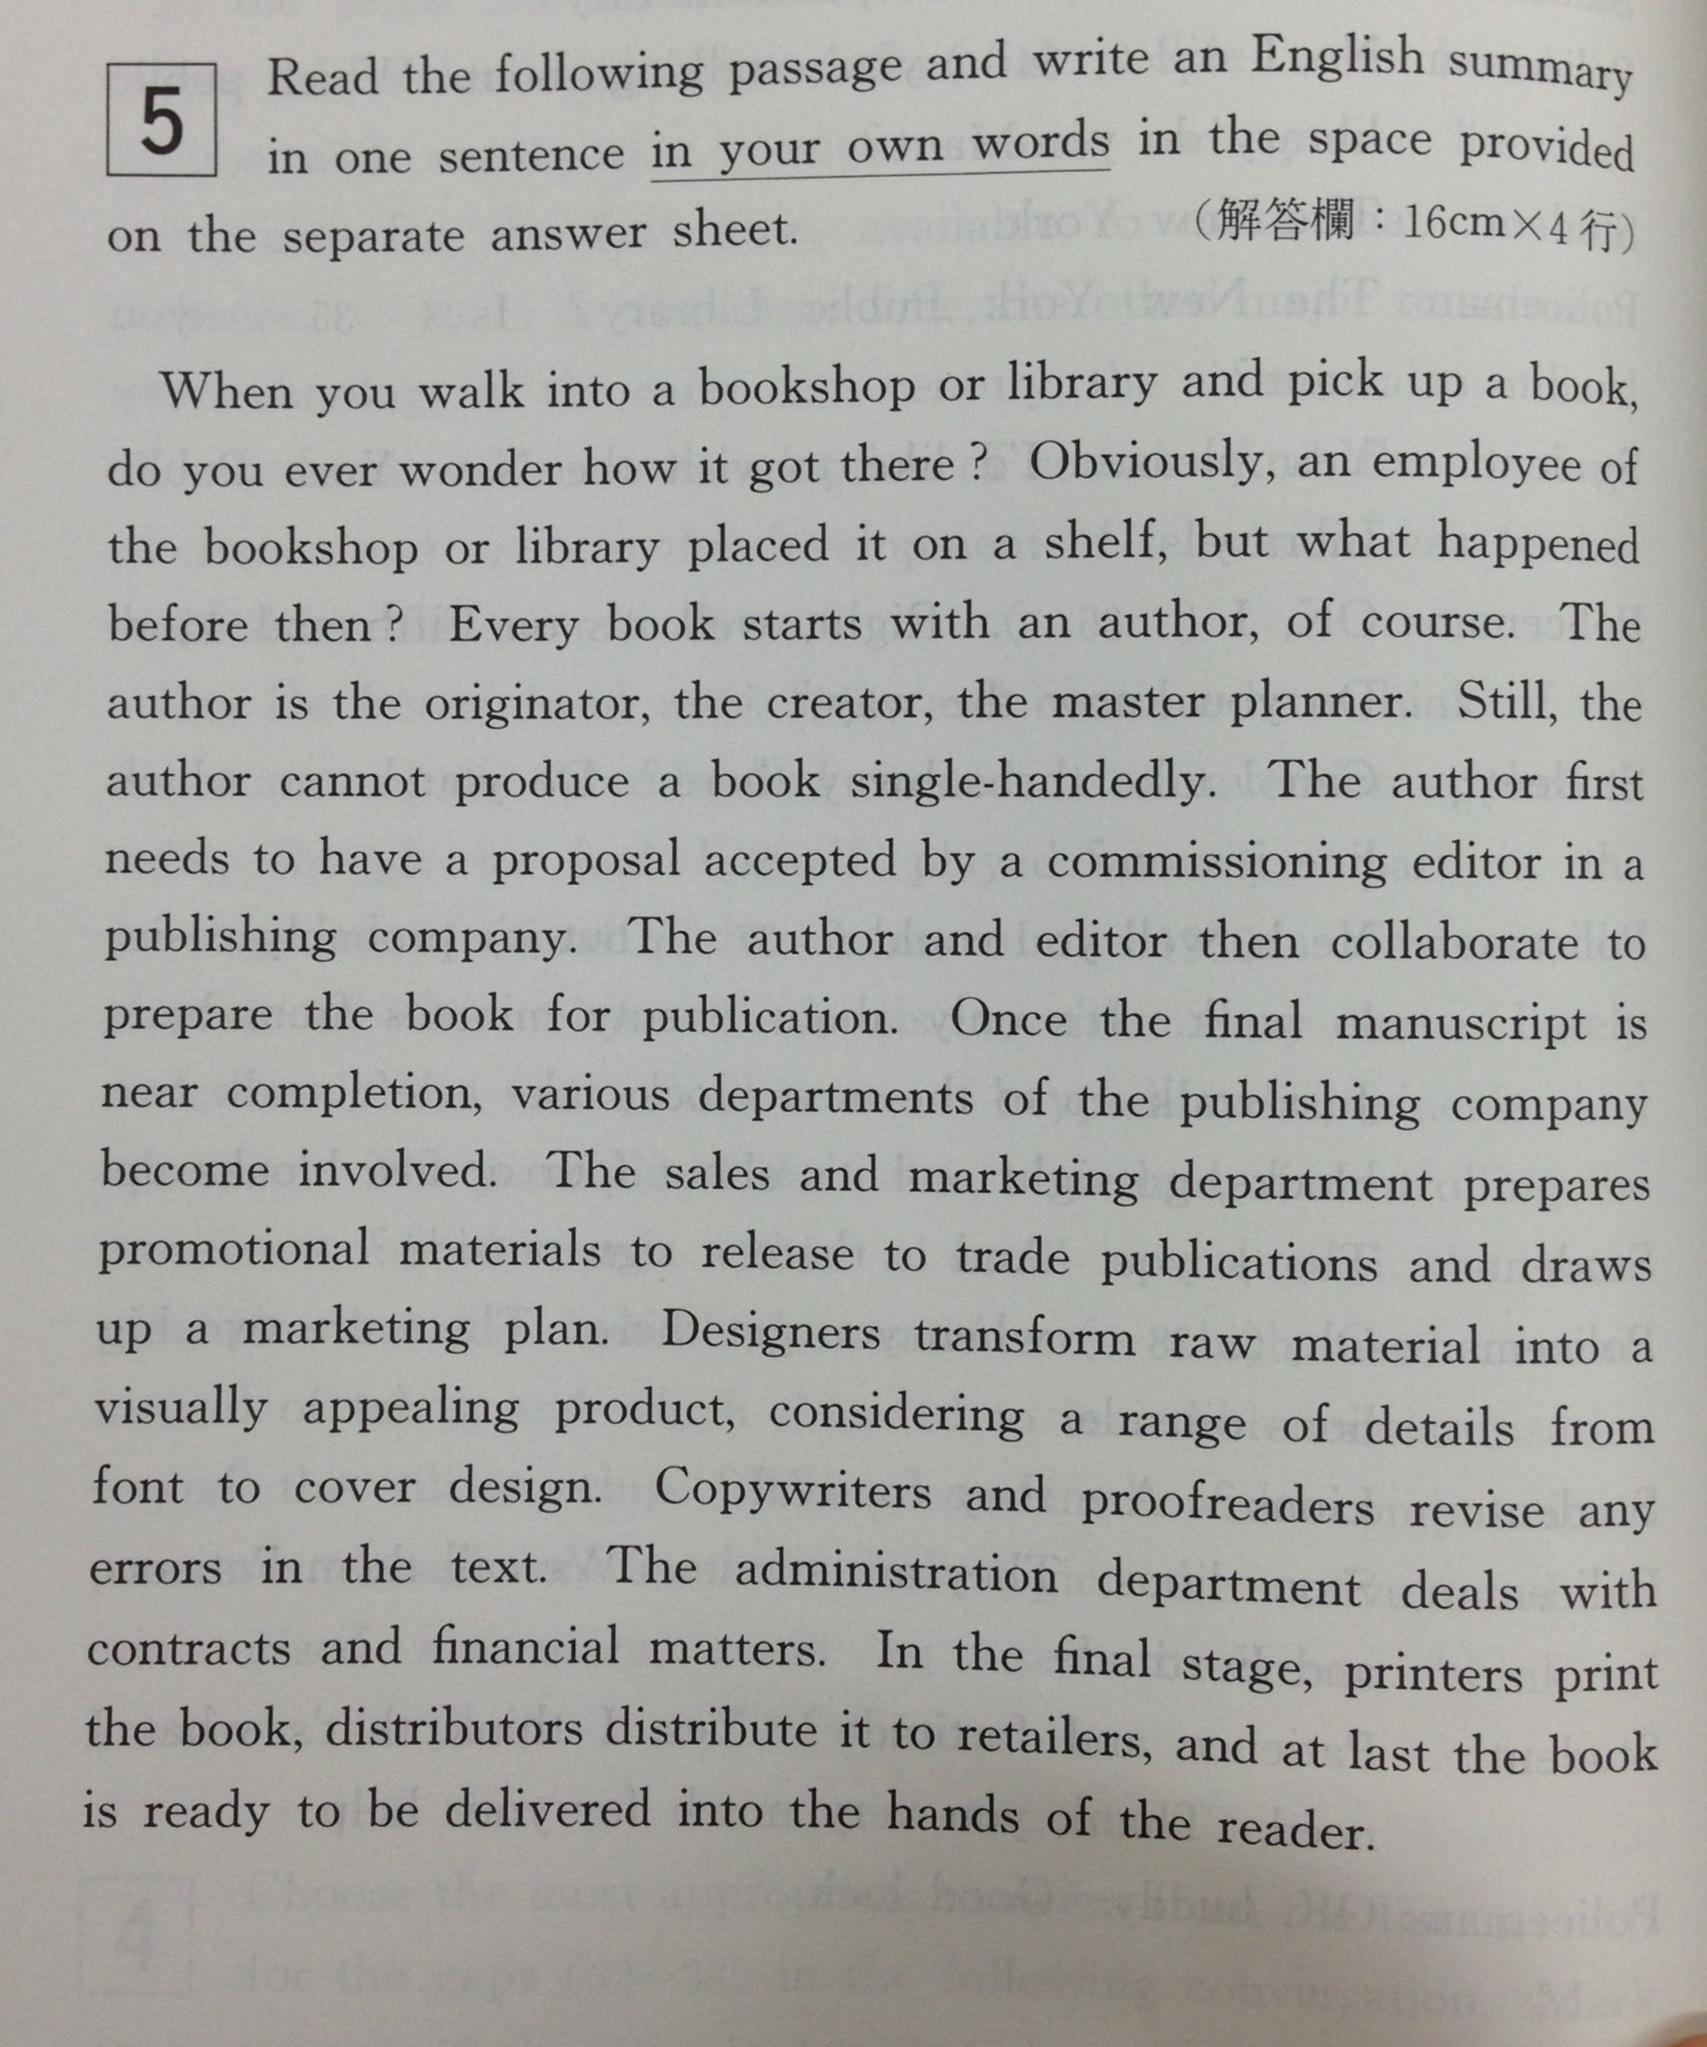 早稲田大学文化構想学部